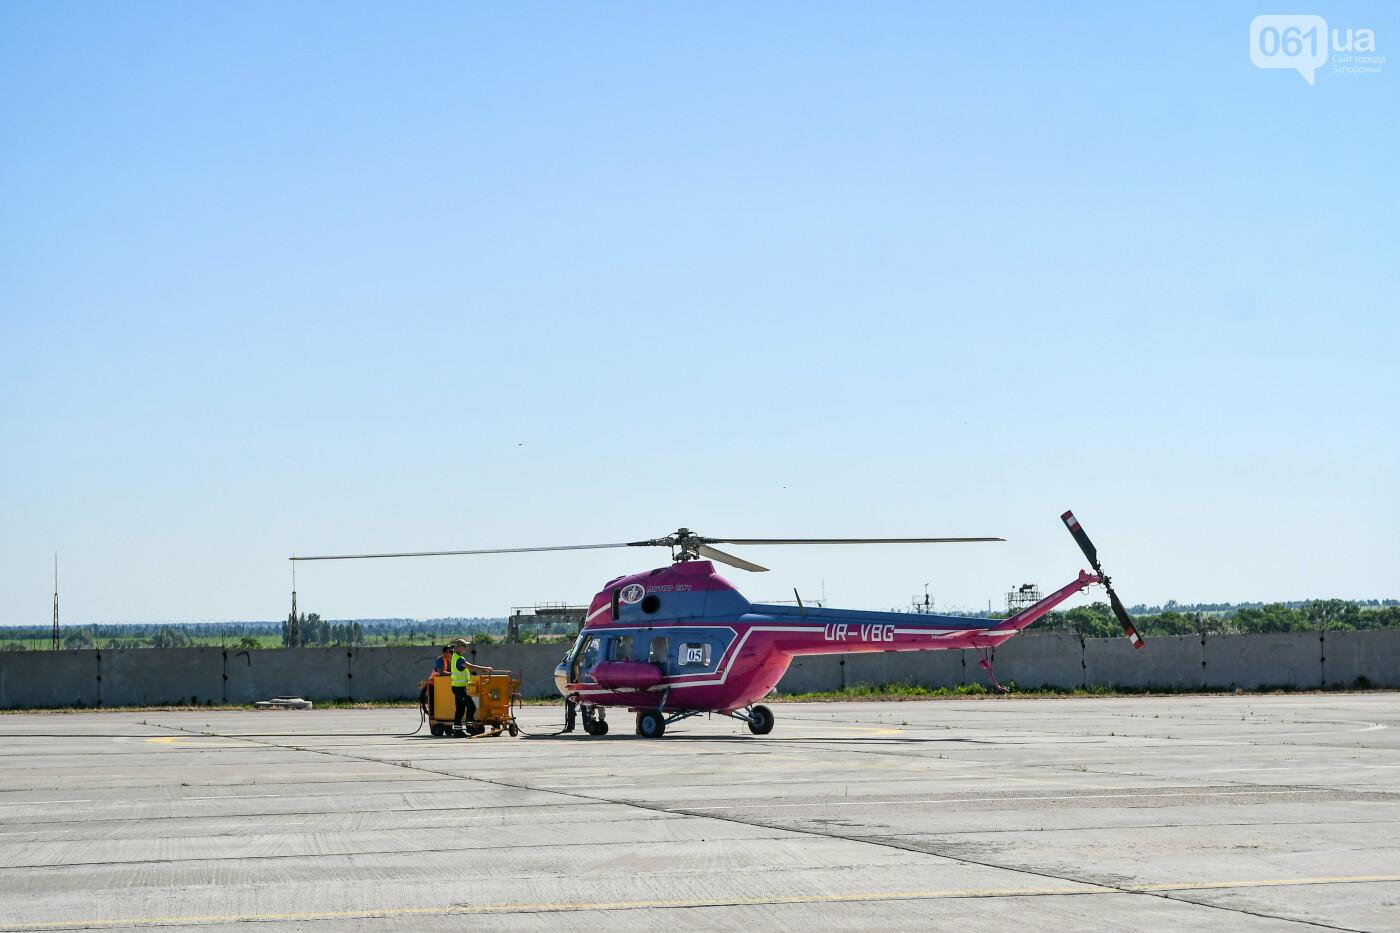 В Запорожье проходят соревнования по вертолетному спорту, - ФОТОРЕПОРТАЖ, фото-32